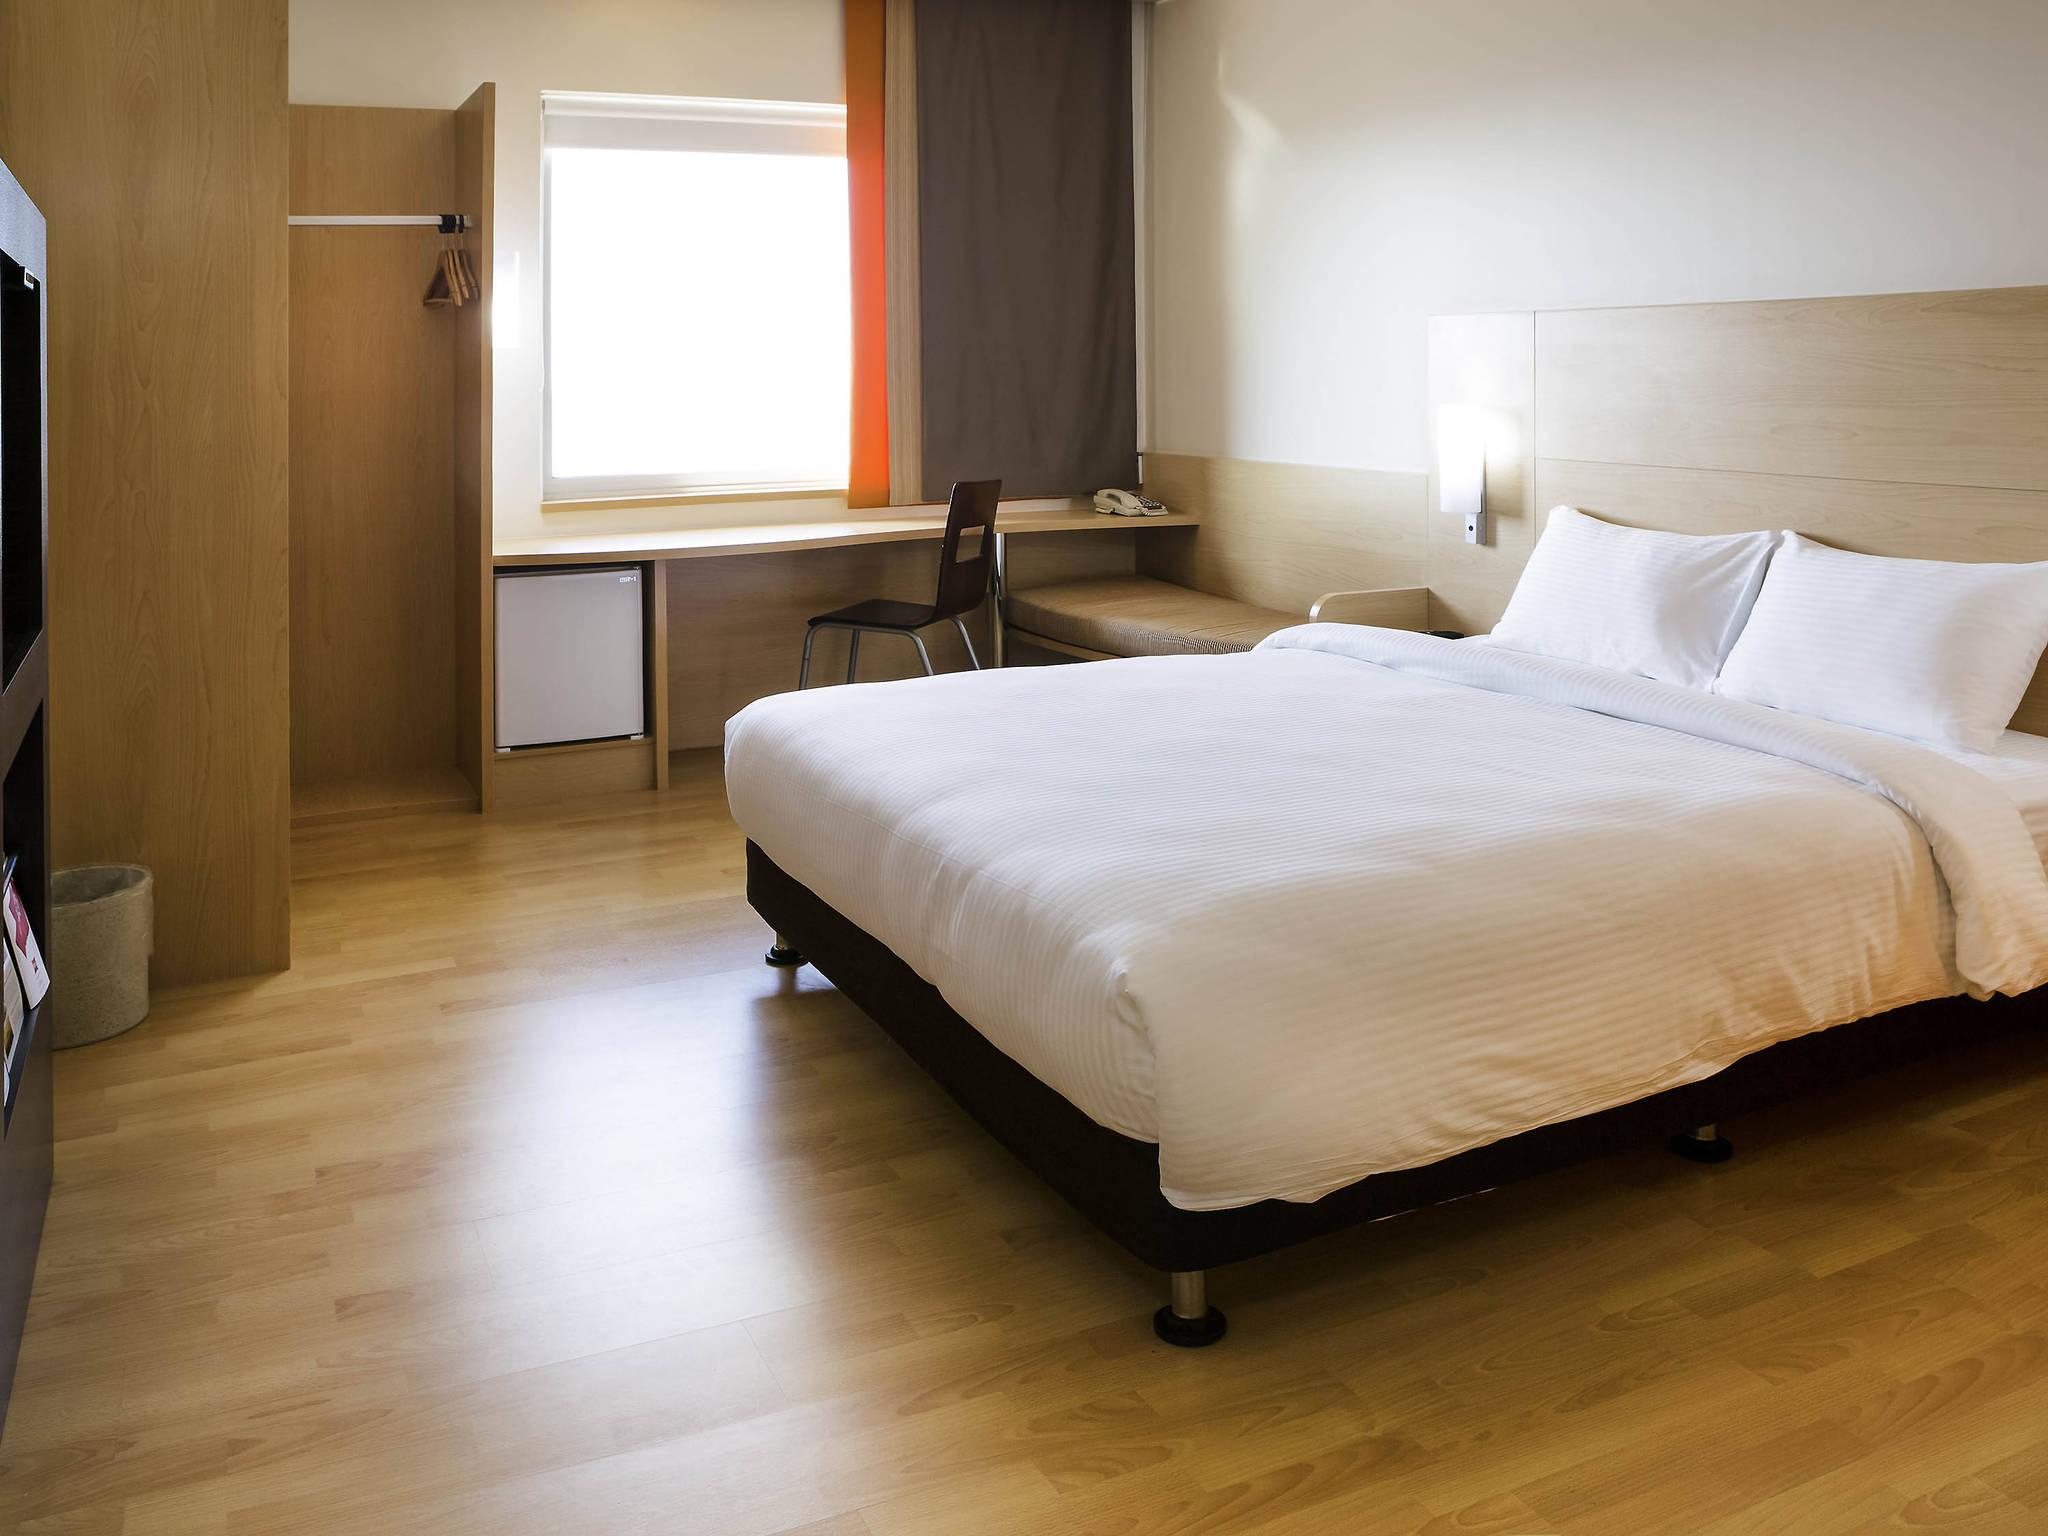 酒店 – 宜必思德黑兰伊玛目霍梅尼国际机场酒店